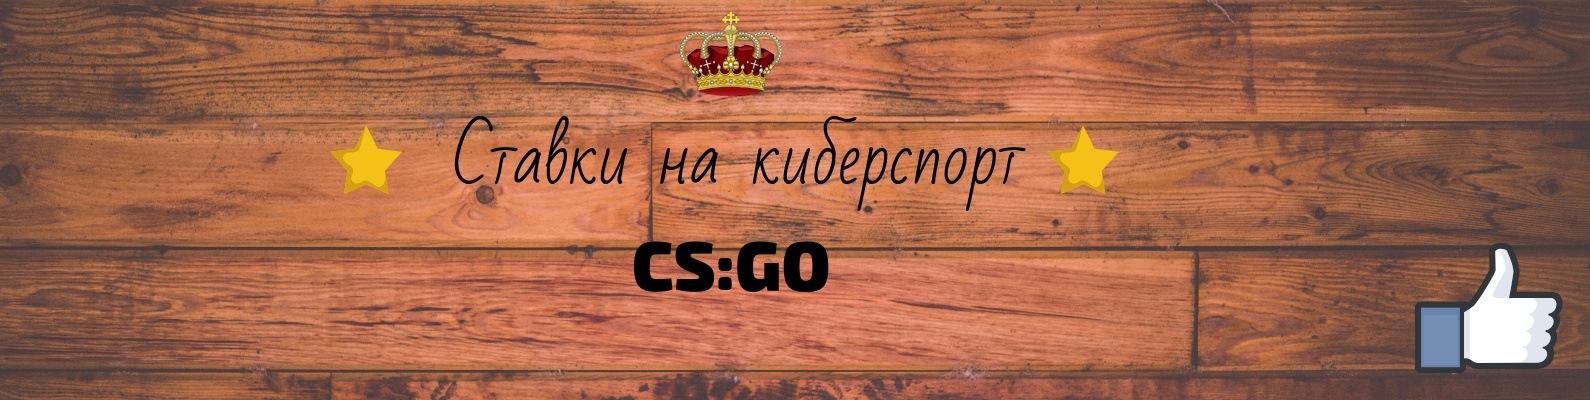 Ставки на киберспорт | CS:GO | VK